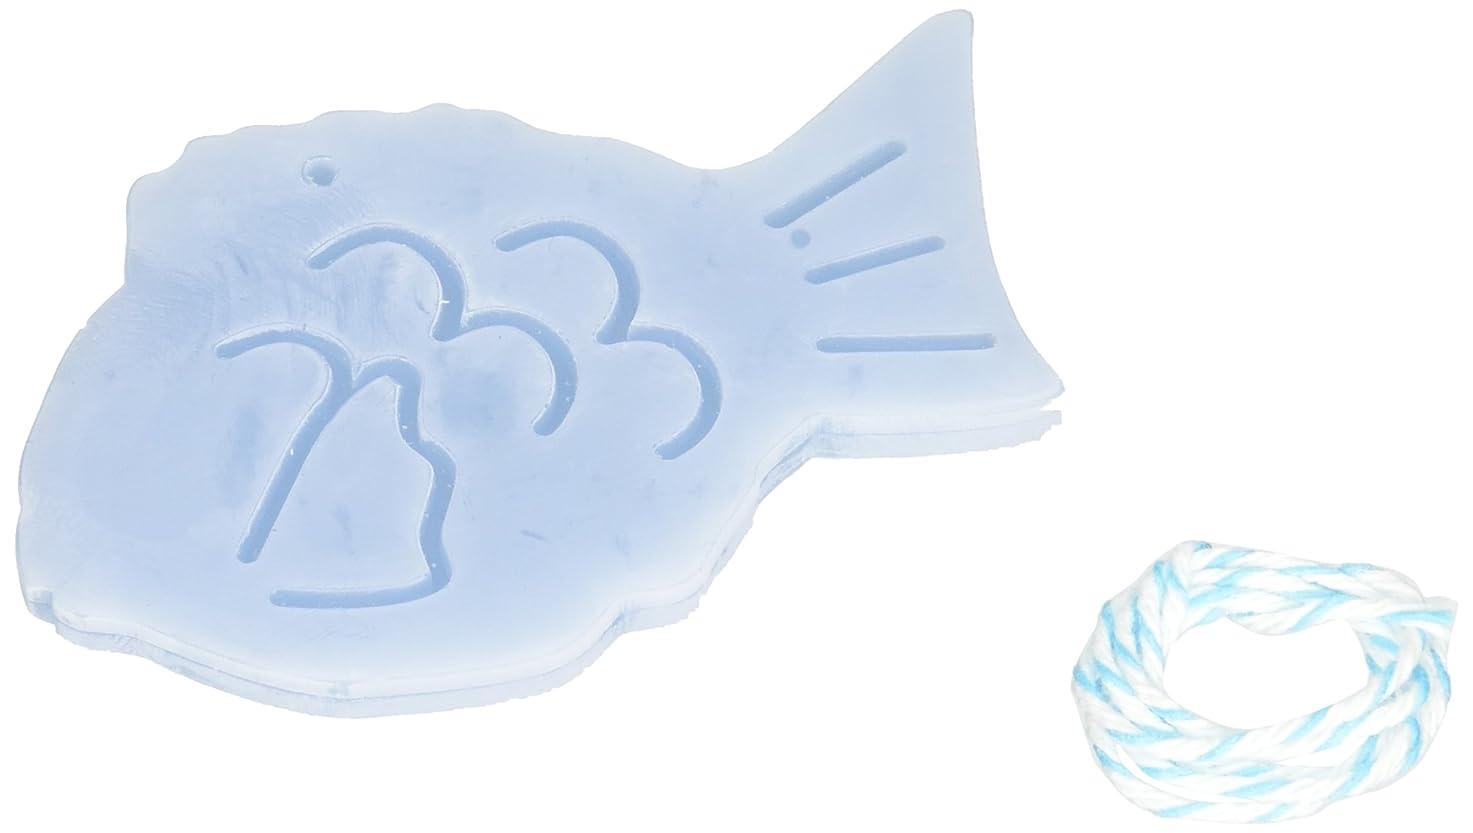 ロバ低い落胆させるGRASSE TOKYO AROMATICWAXチャーム「鯛」(BL) ローズマリー アロマティックワックス グラーストウキョウ